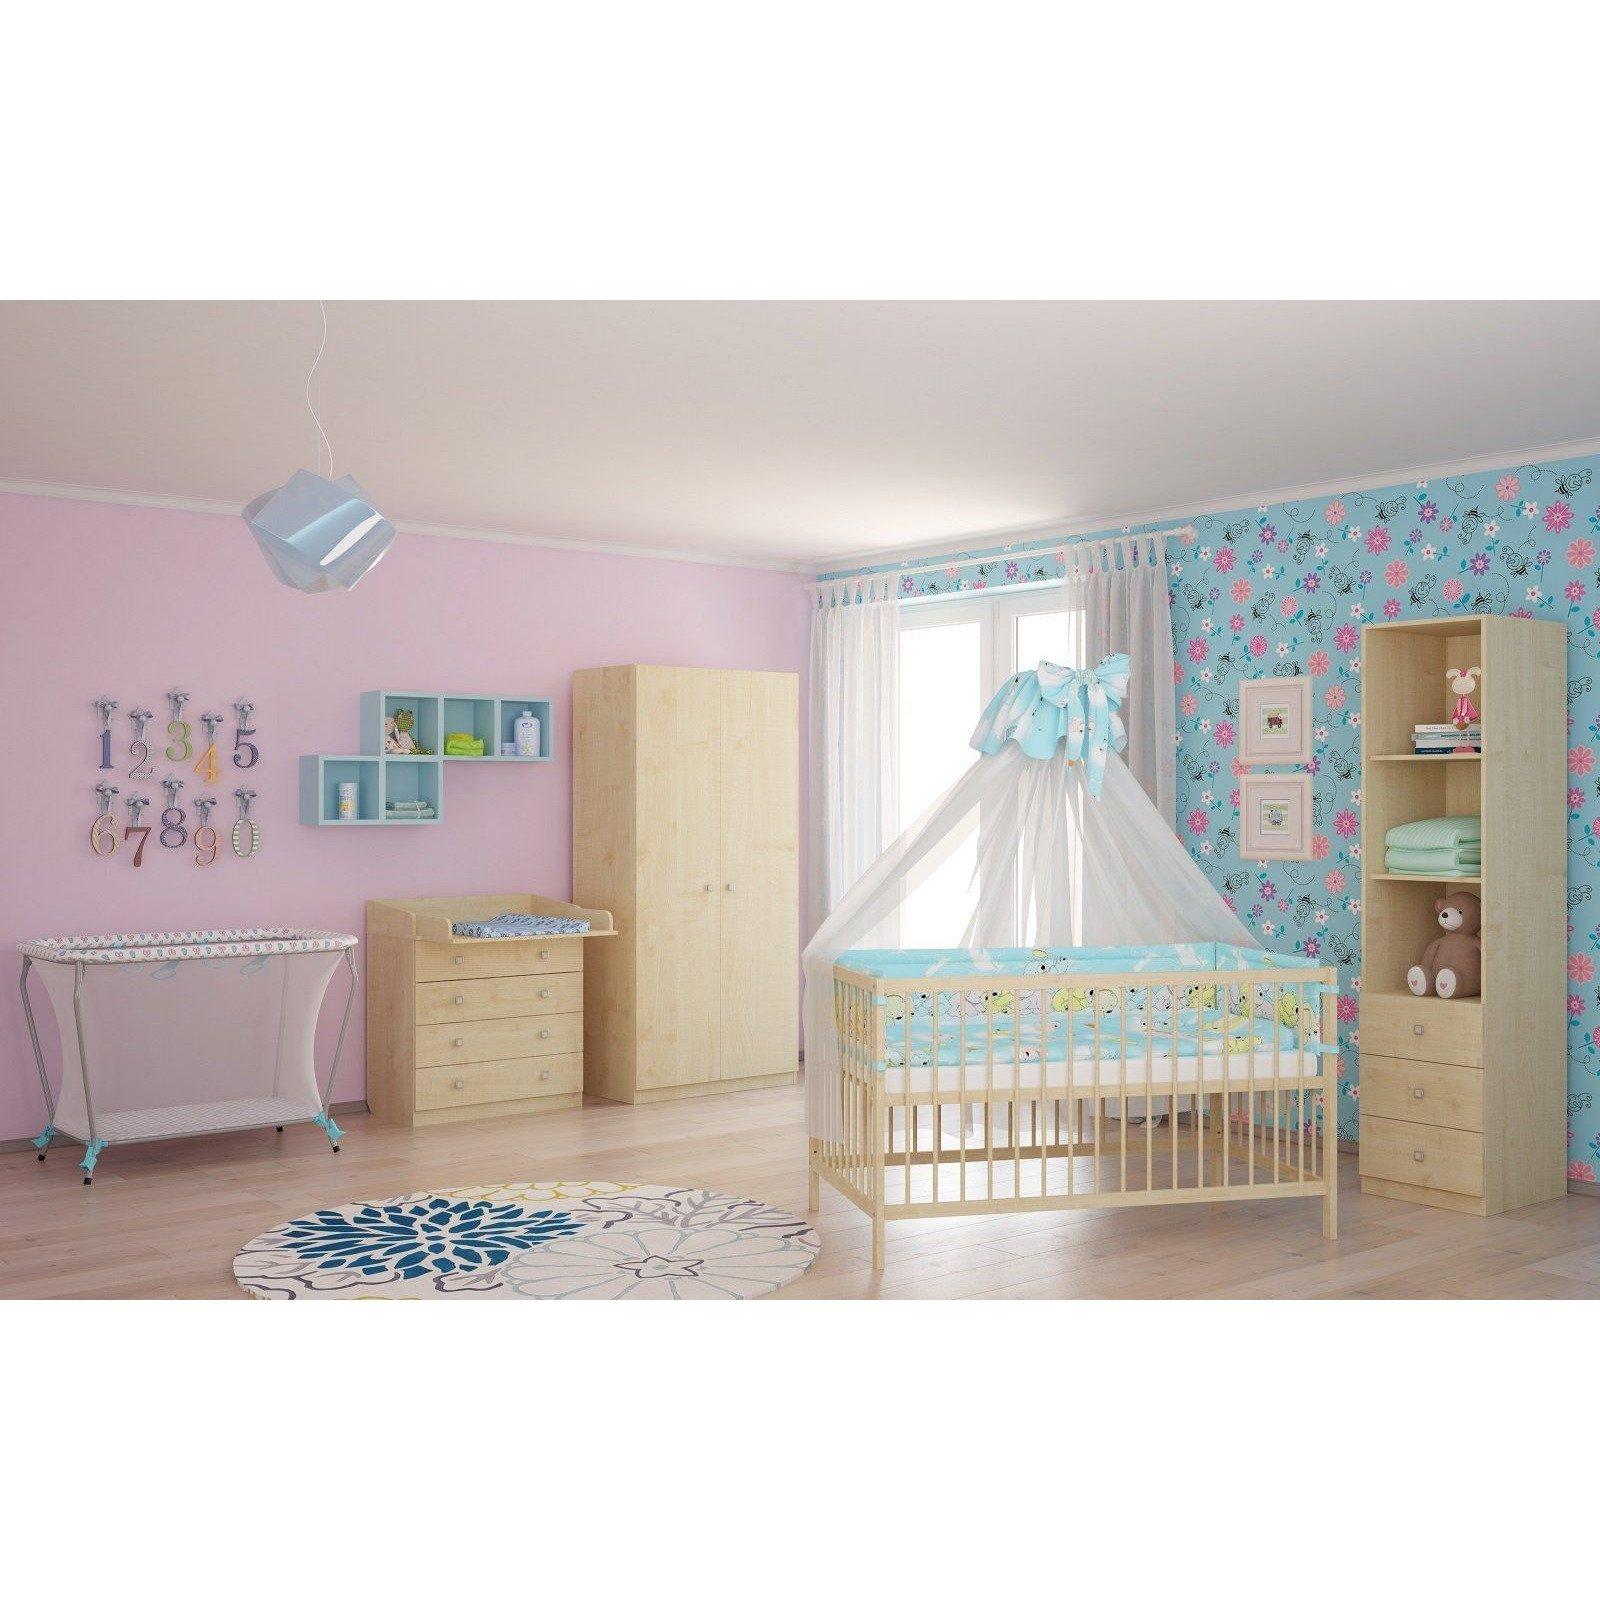 Full Size of Baby Kinderzimmer Komplett 78866720 Schlafzimmer Günstig Komplettangebote Regale Weiß Badezimmer Bad Komplettset Mit Lattenrost Und Matratze Sofa Regal Bett Kinderzimmer Baby Kinderzimmer Komplett